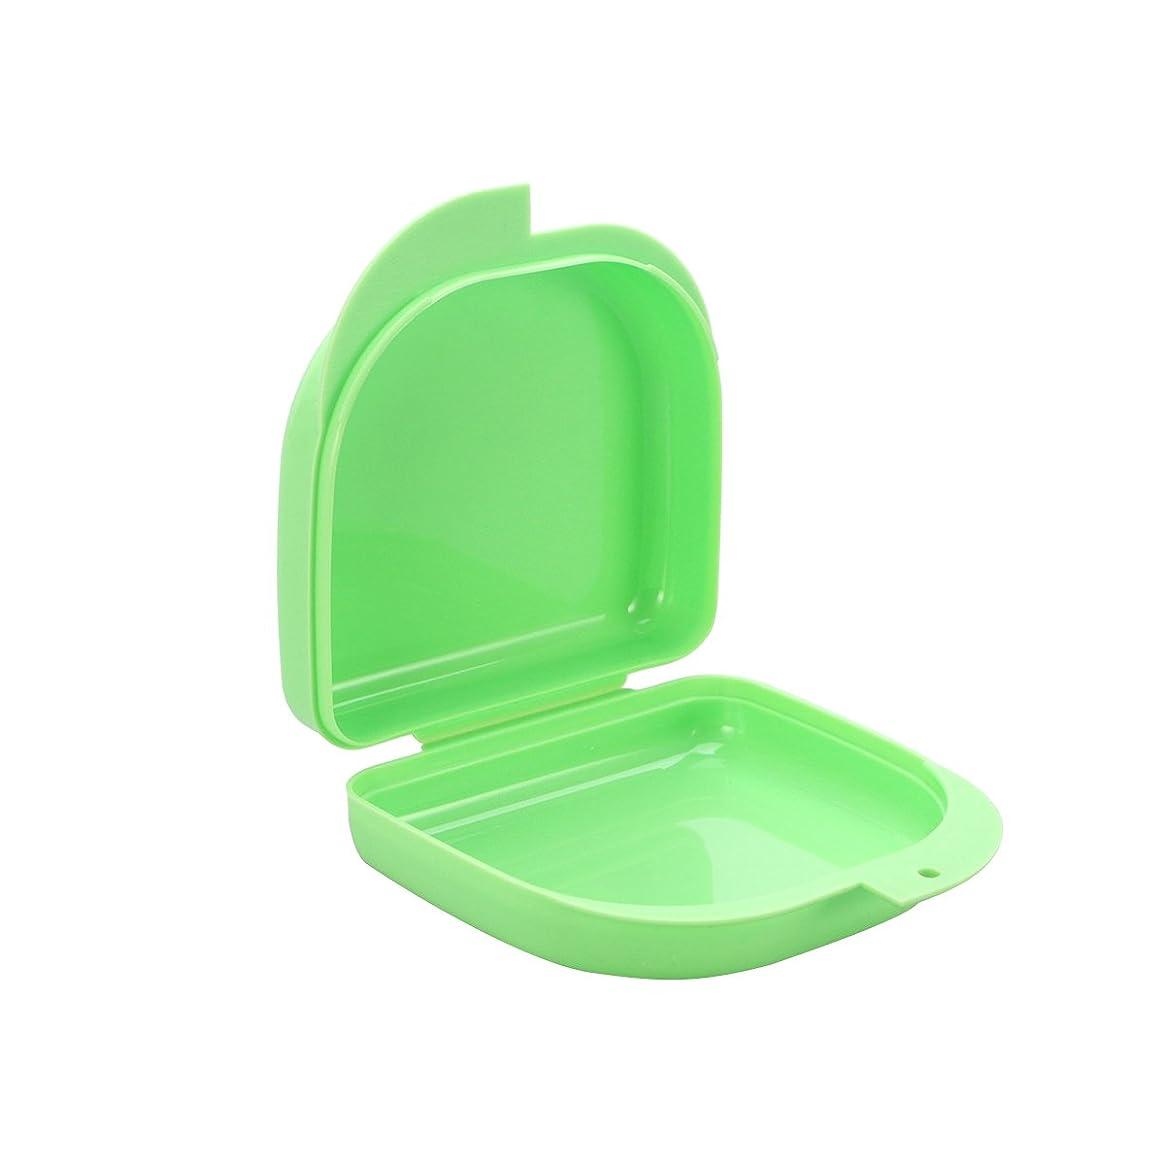 削減レイプ比べるROSENICE リテーナーボックス 入れ歯保存容器(緑)